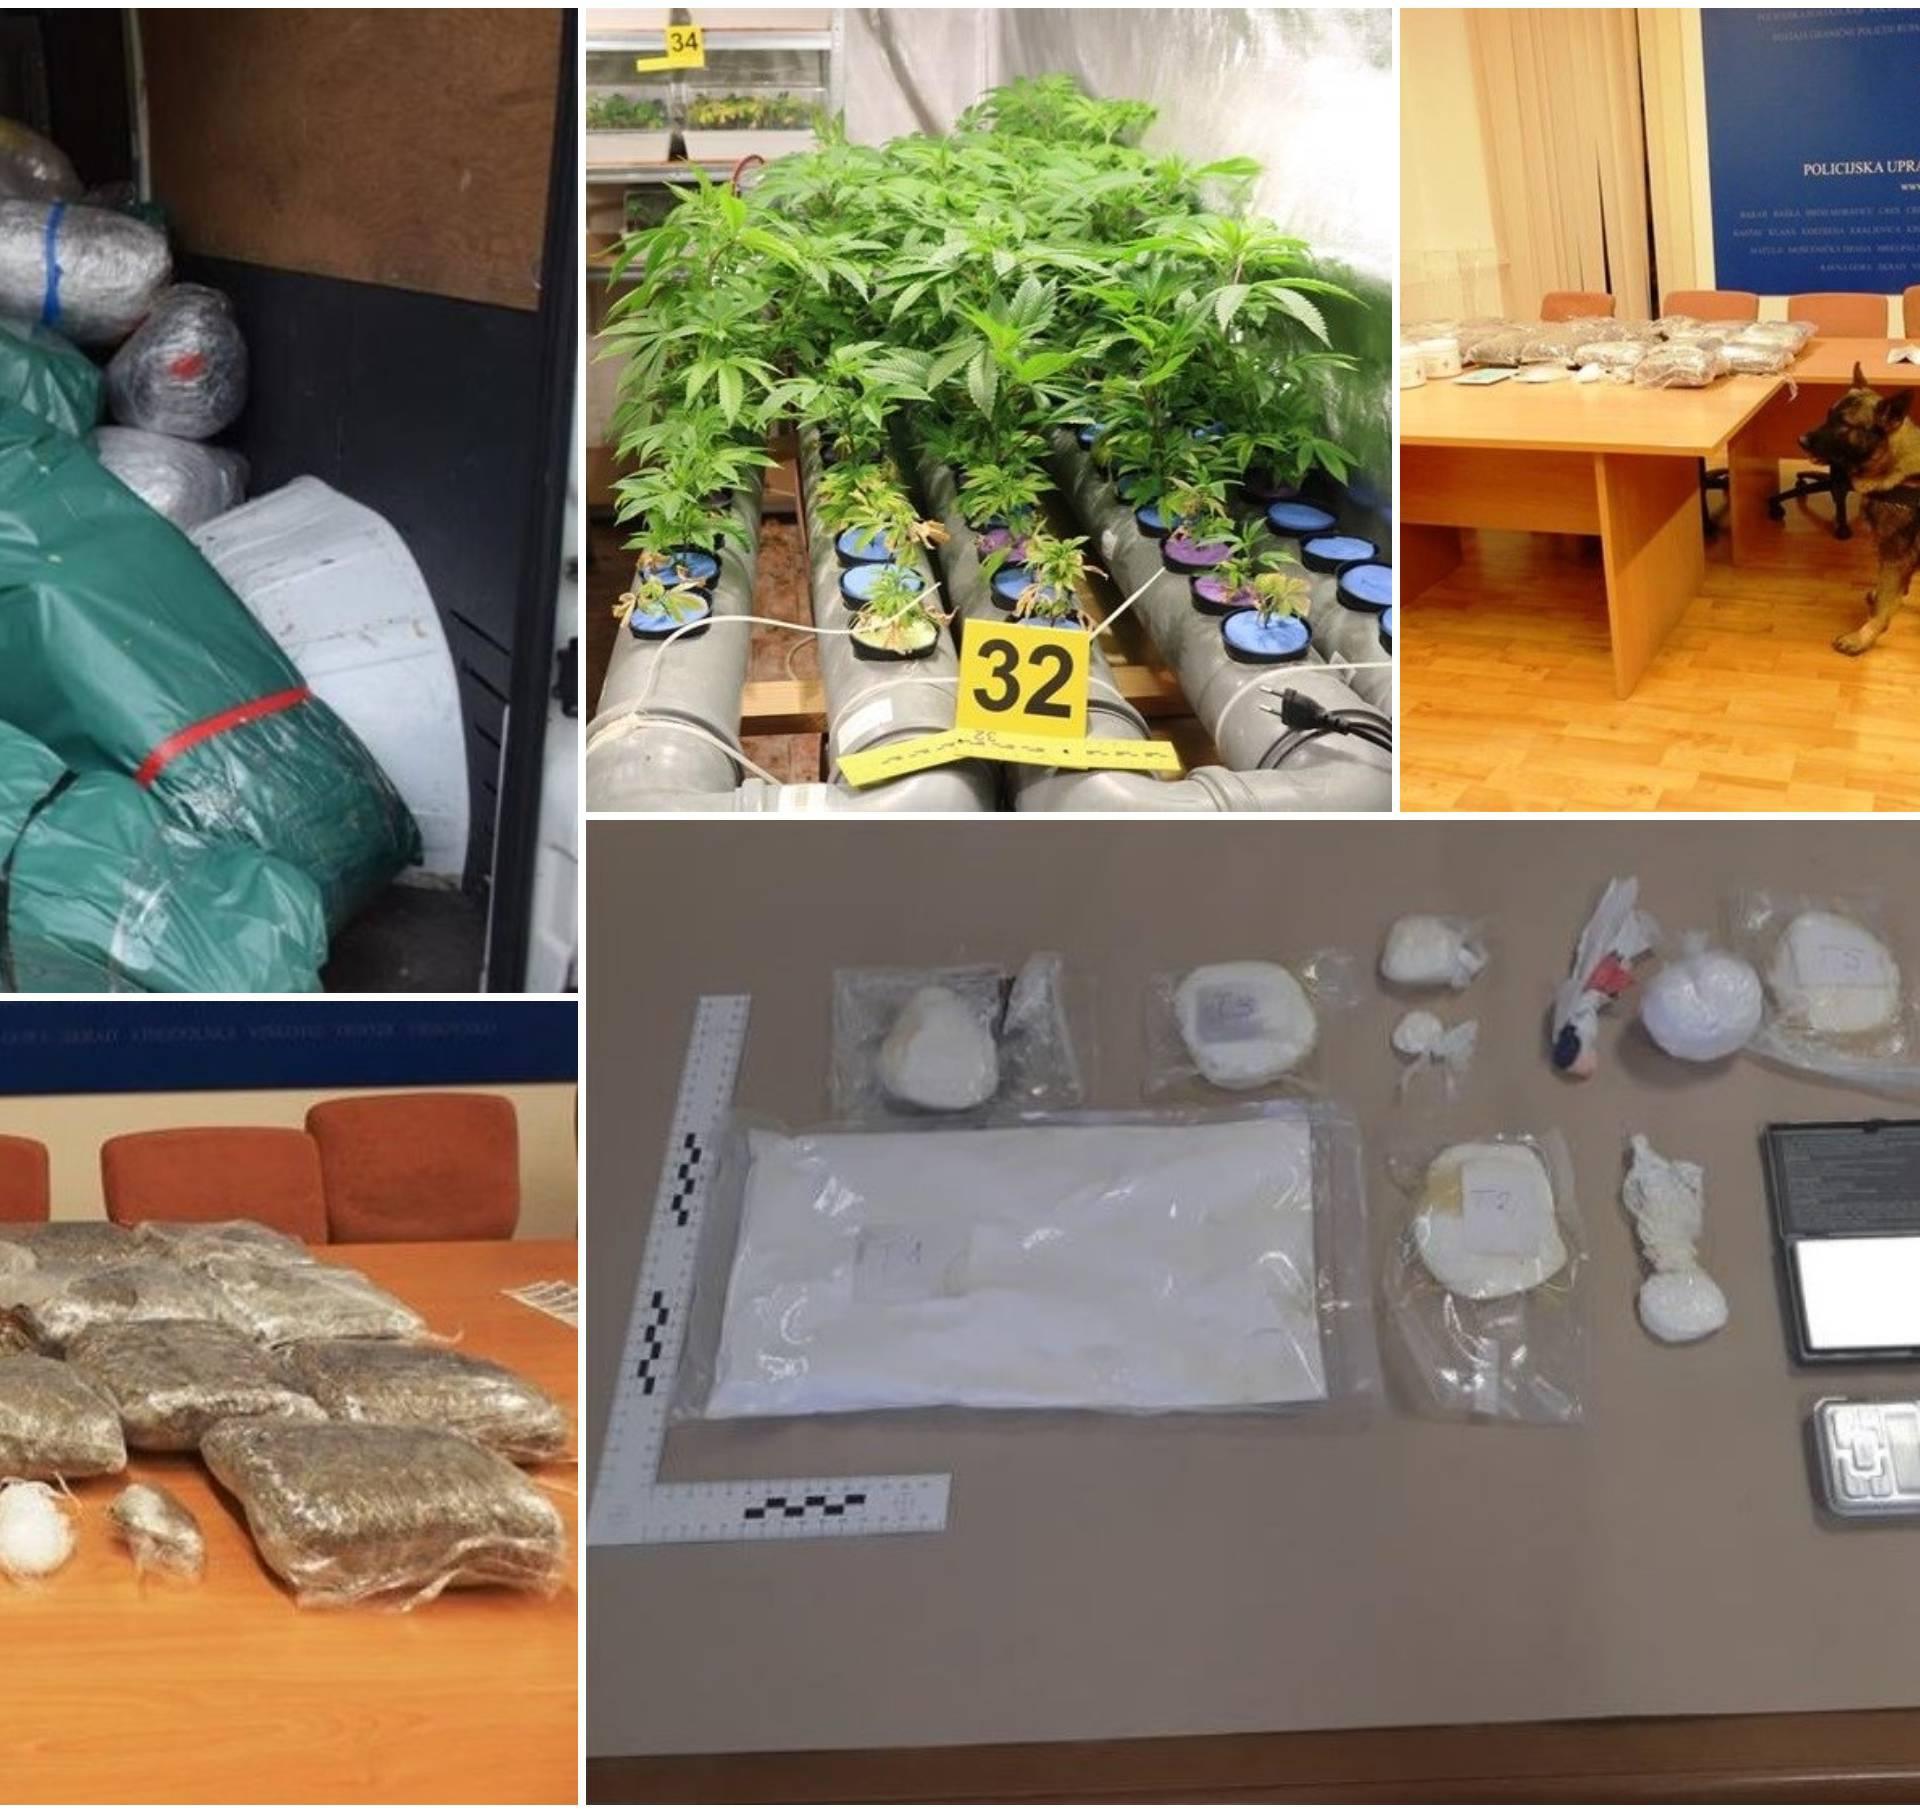 Pao lanac dilera: Policija našla šest laboratorija za uzgoj trave